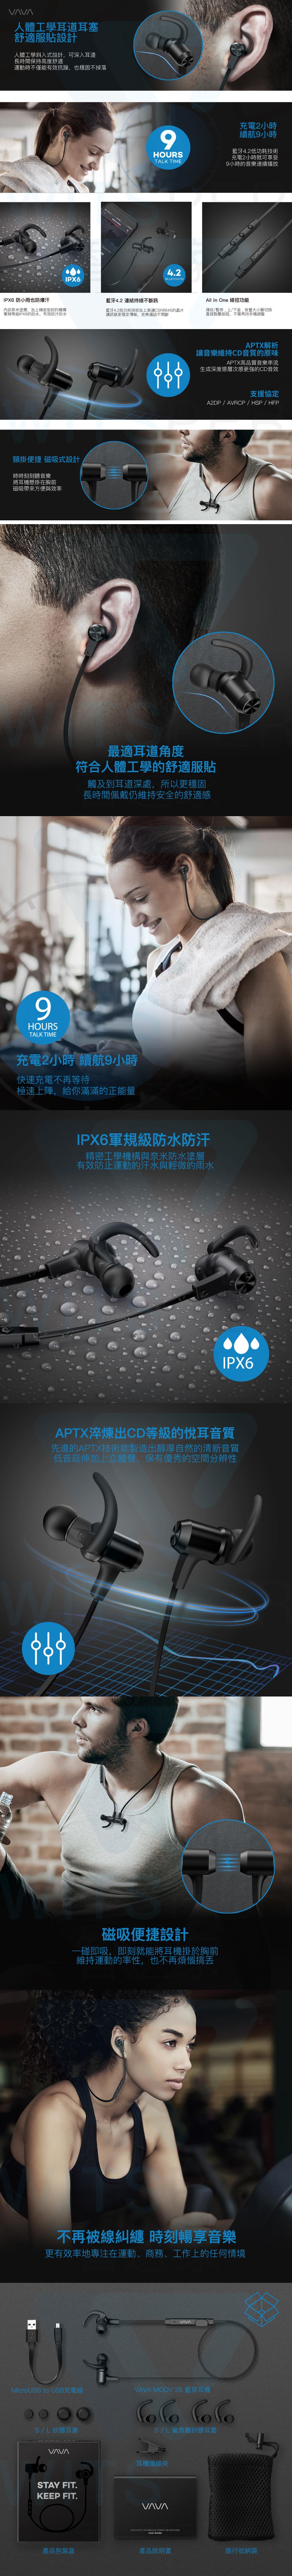 2018 運動藍芽耳機 推薦 - vava moov28